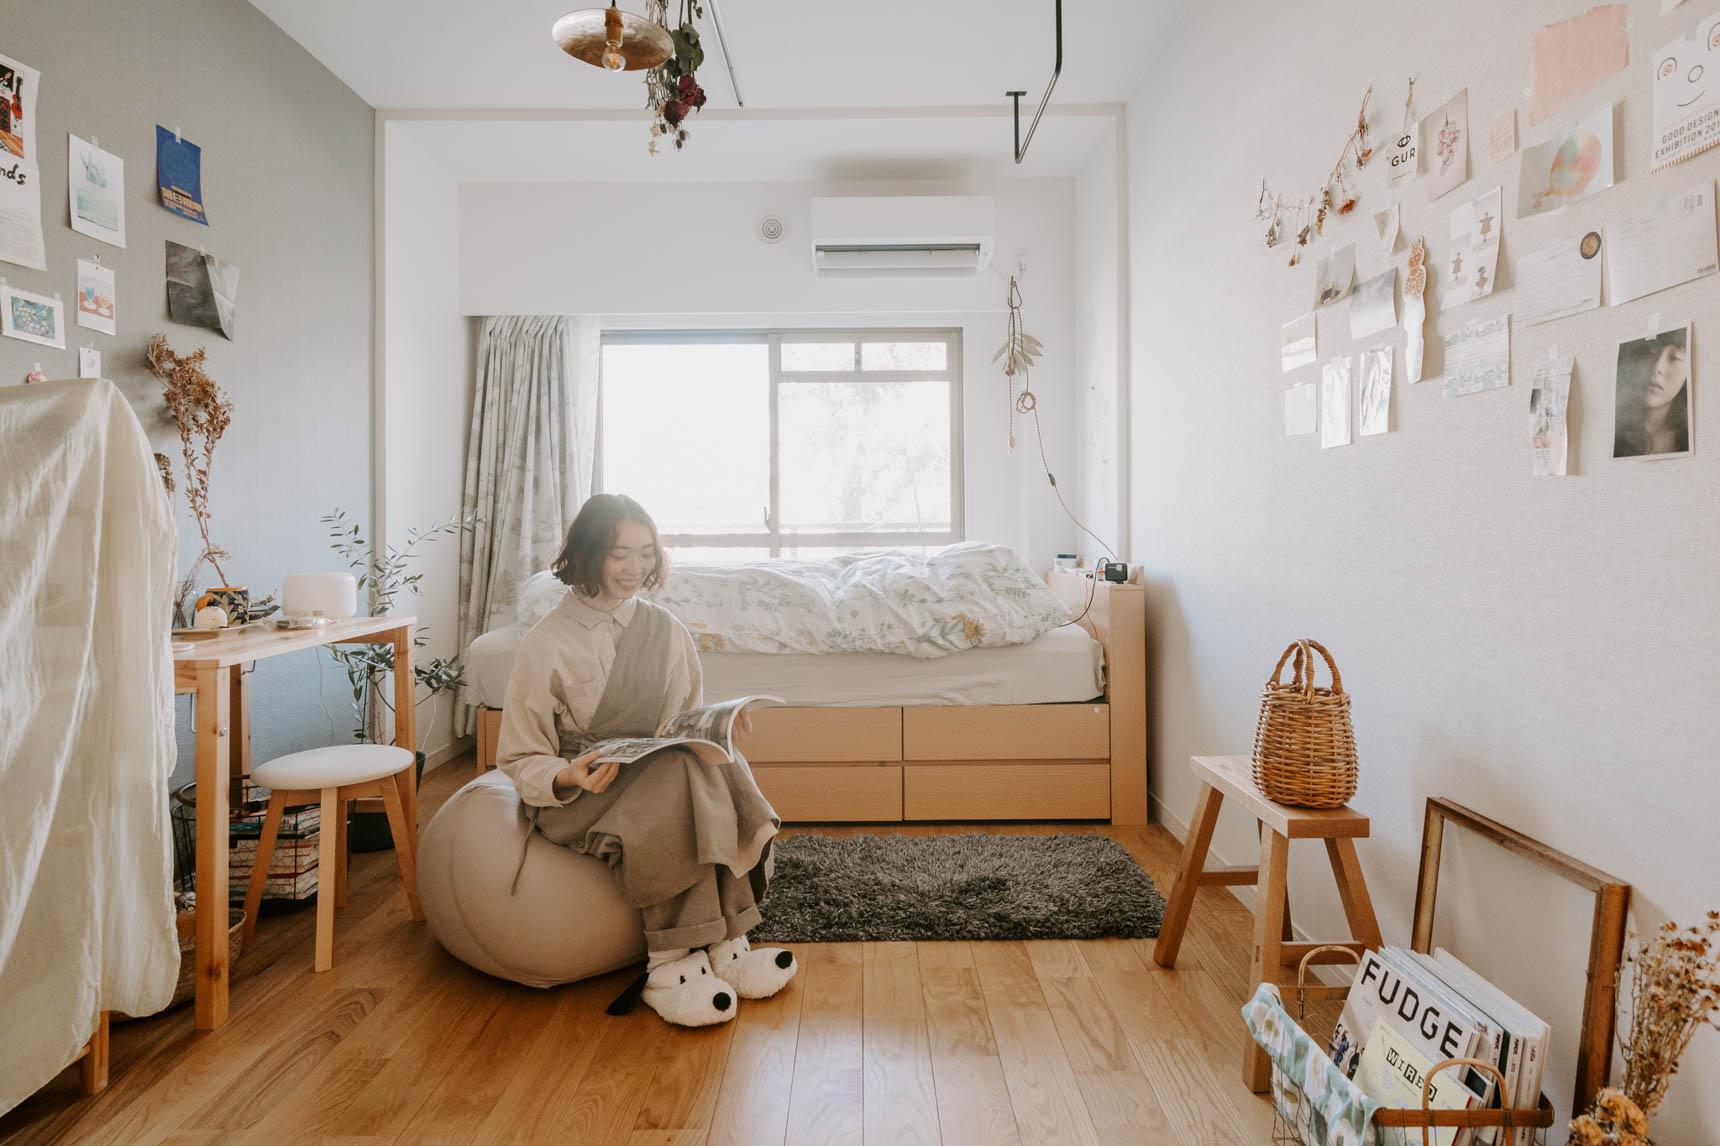 ワンルームで一人暮らしをする、goodroomスタッフの播磨さんのお部屋。淡い色合いのインテリアで統一しています。